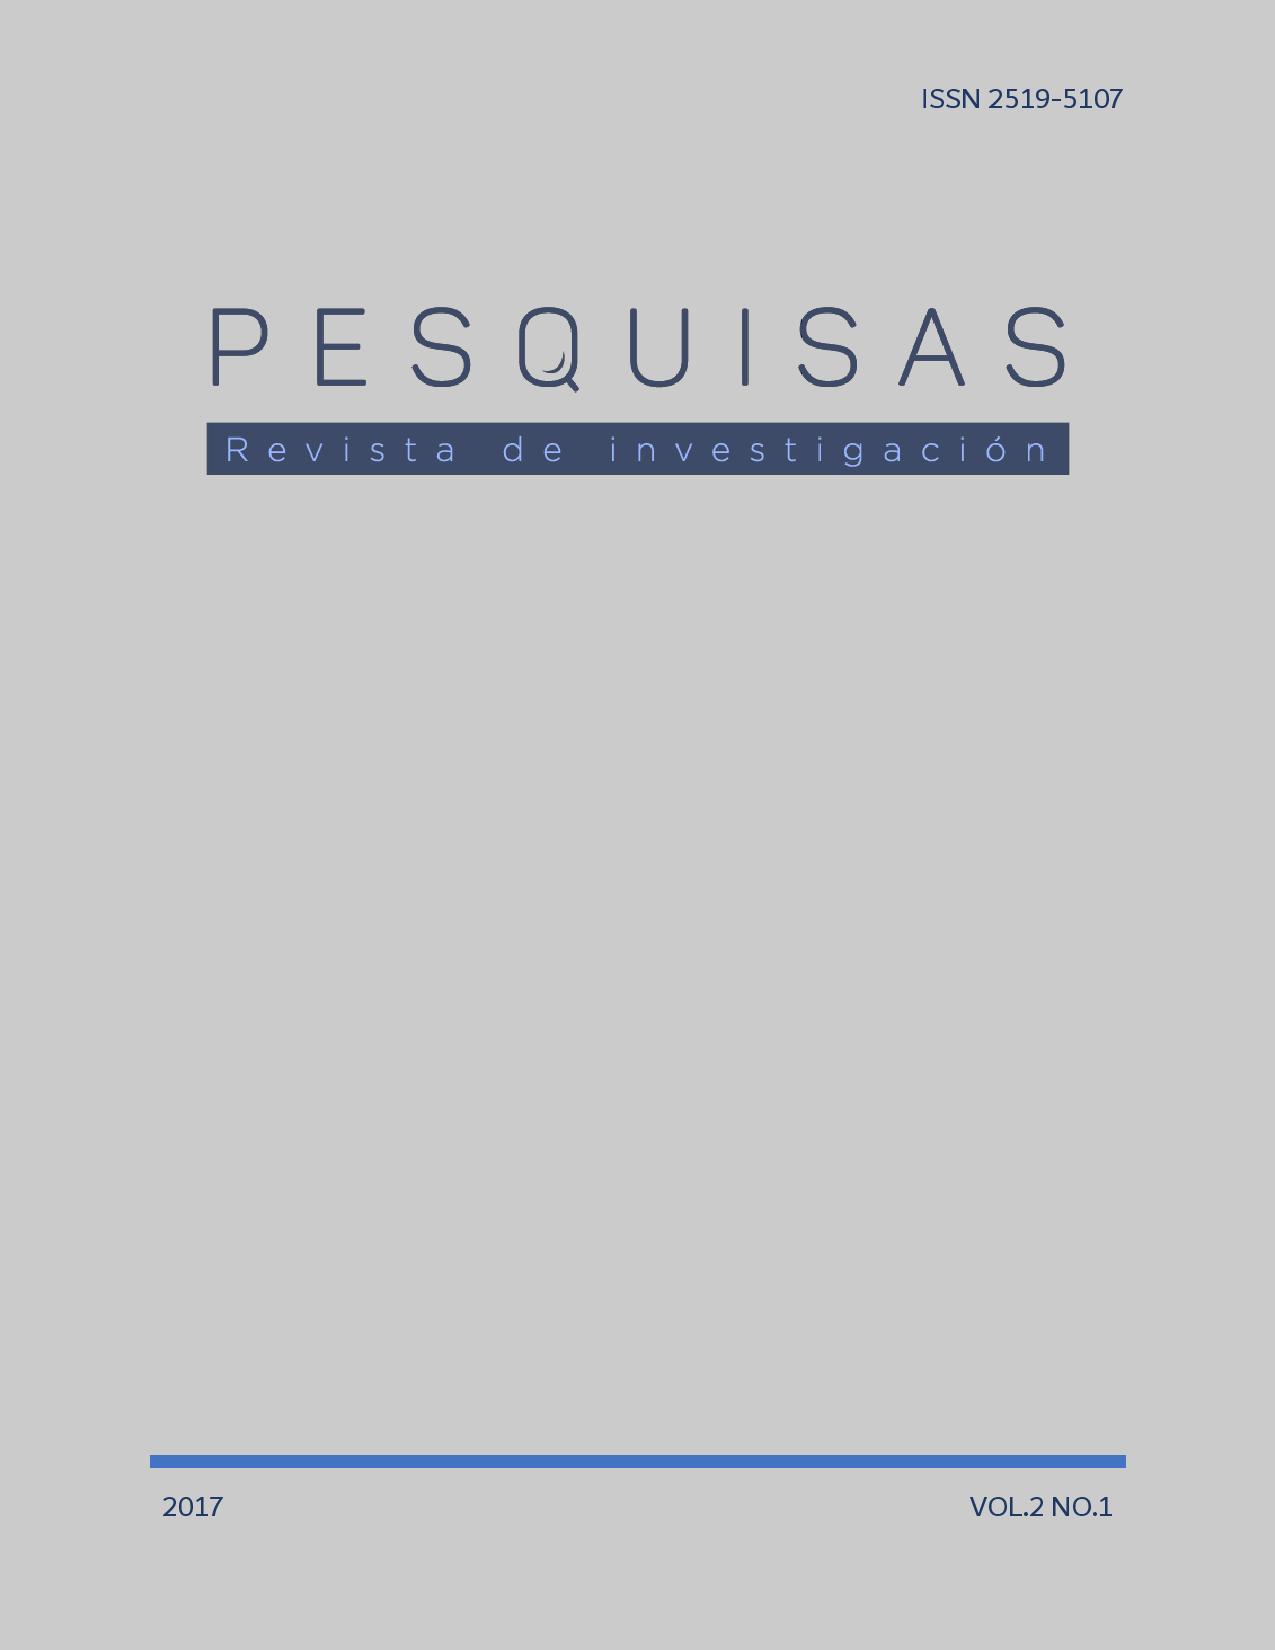 Pesquisas Vol. 2 No.1 Año 2017